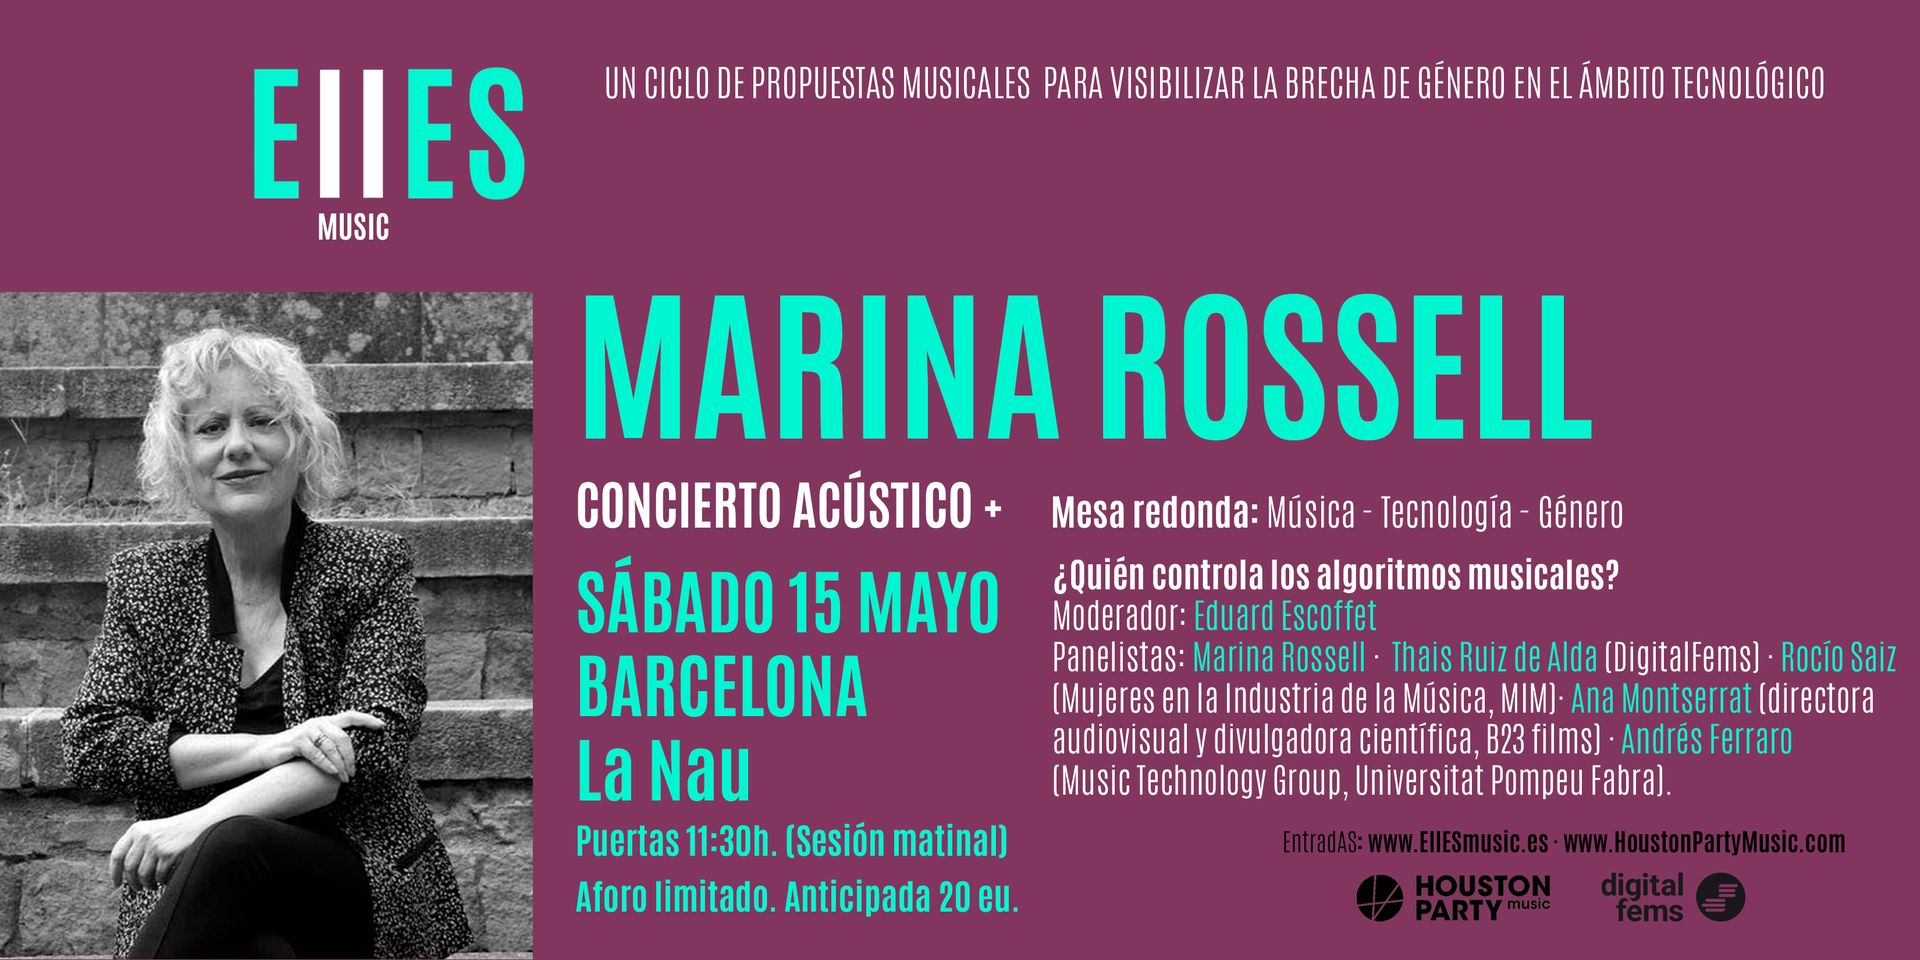 Marina Rossell, el 15 de mayo en La Nau de Barcelona con EllESmusic